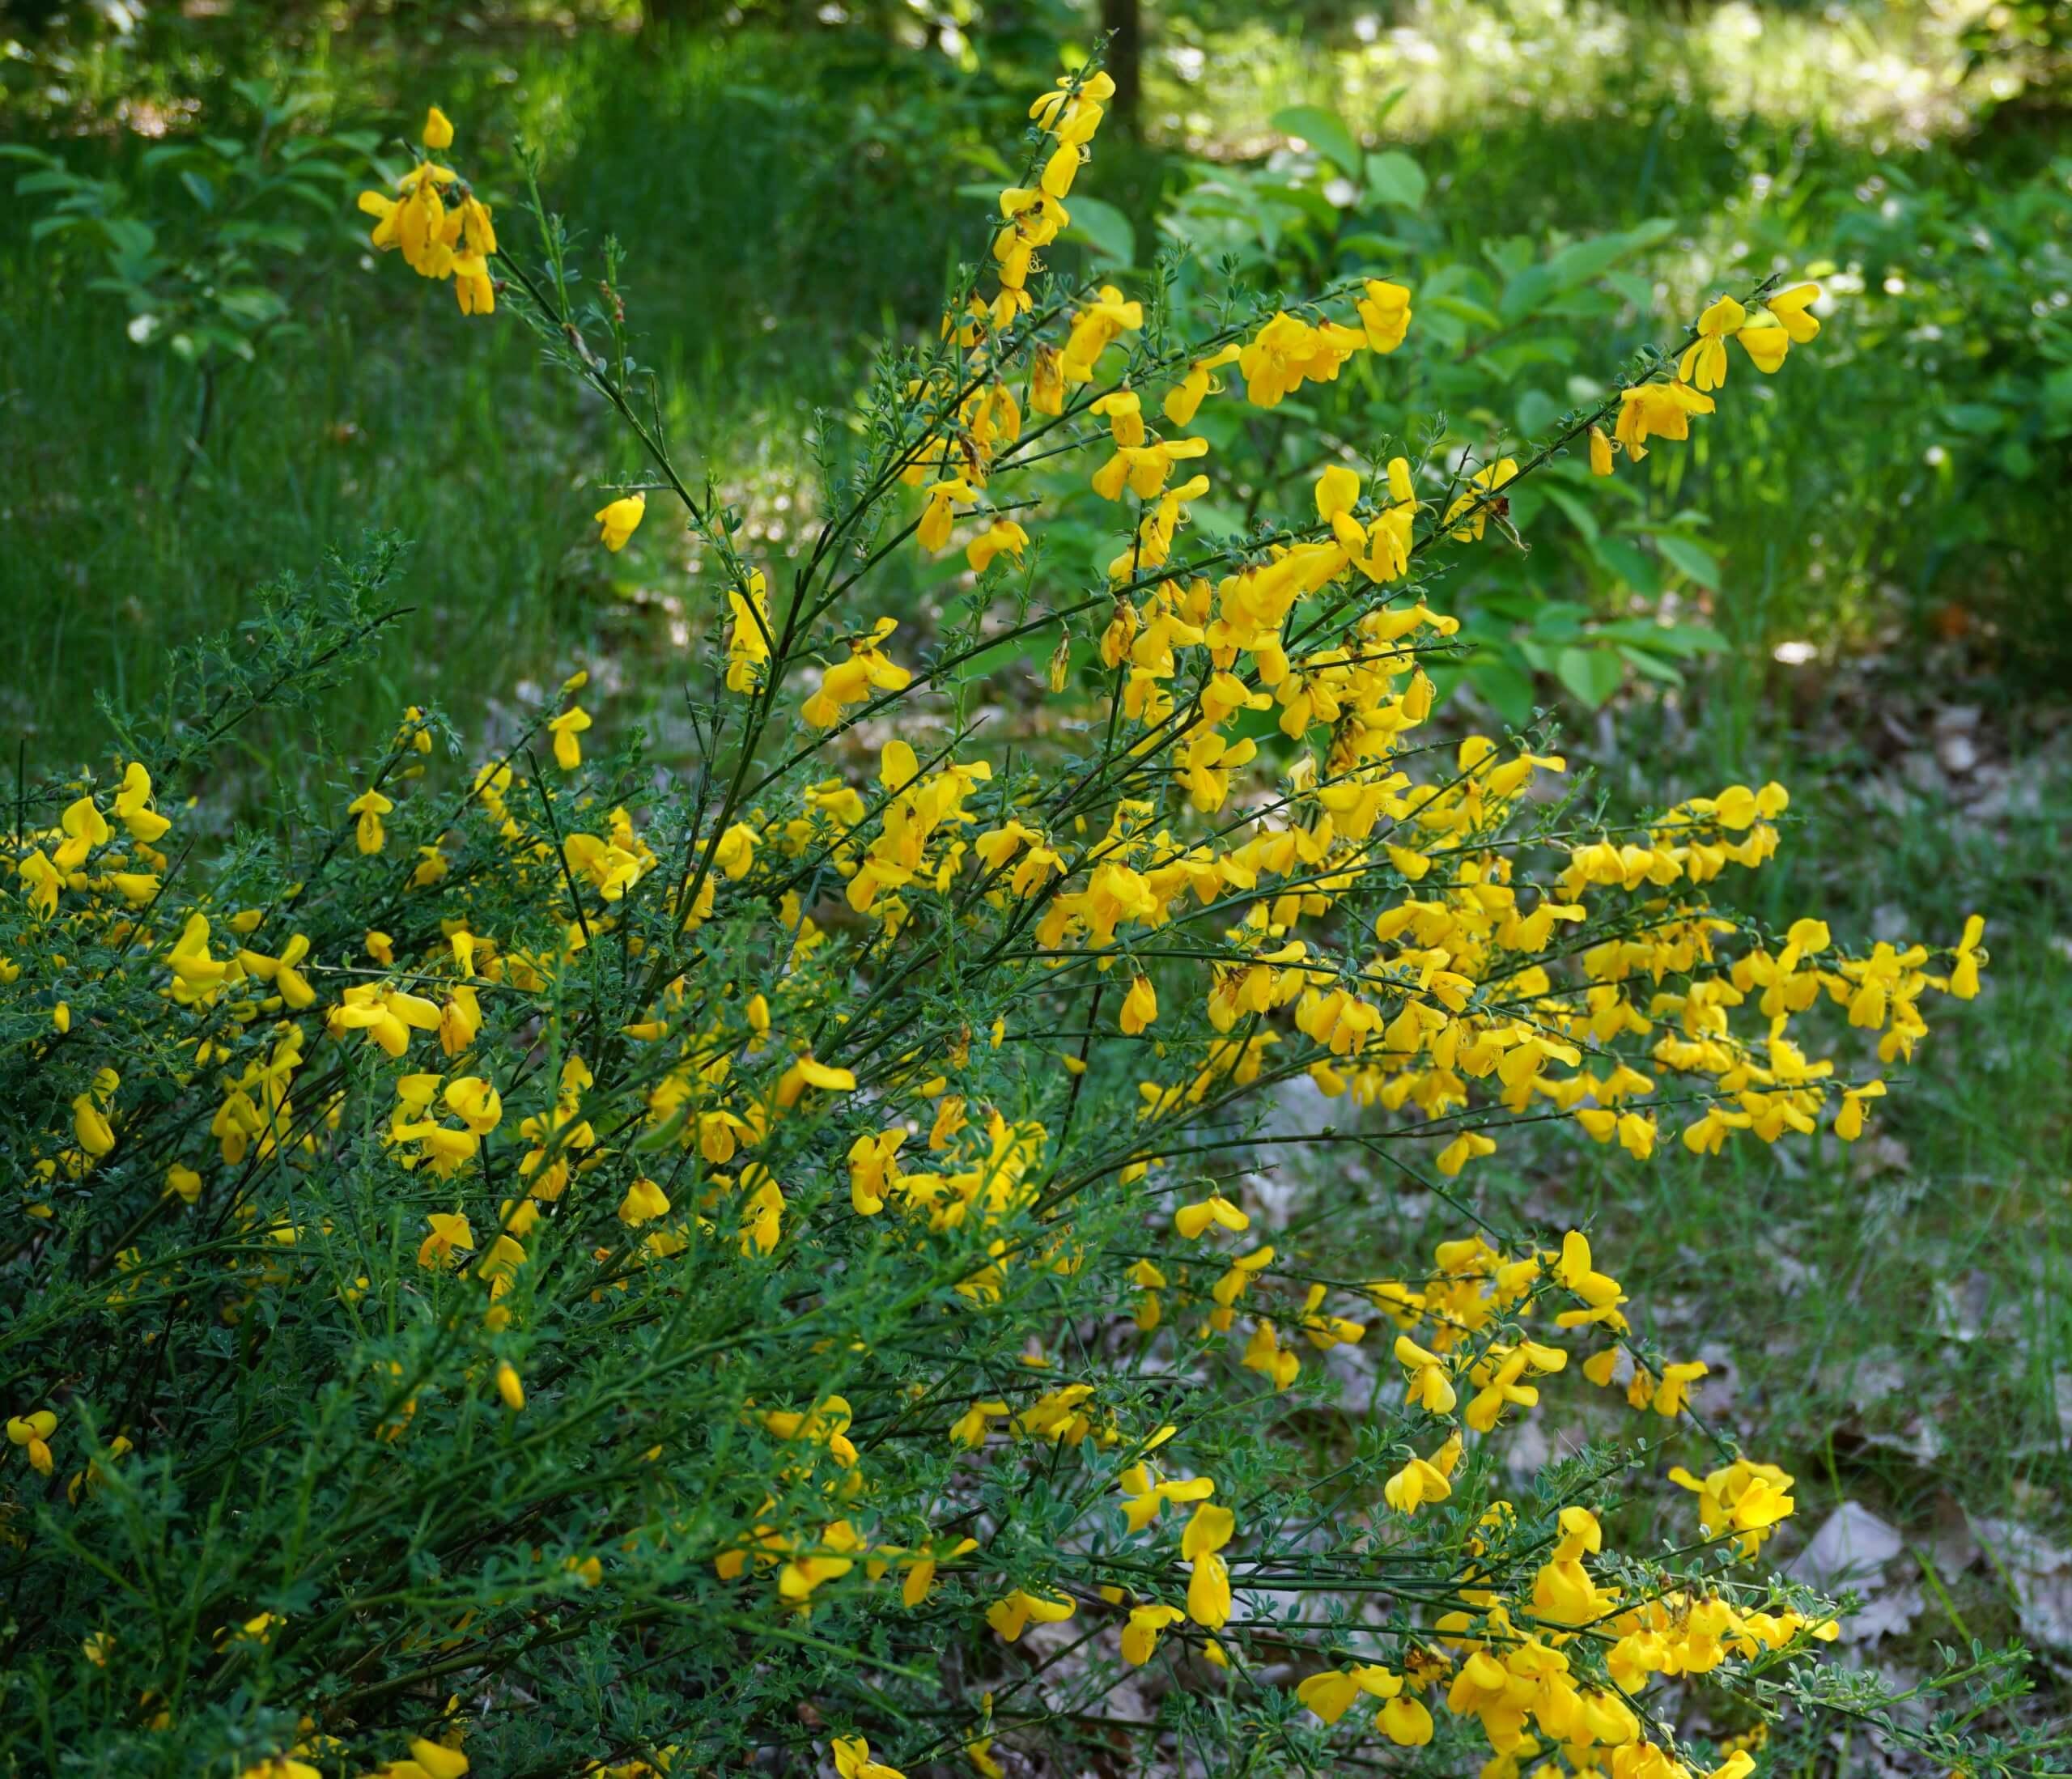 Das Bild zeigt die sattgelben Schmetterlingsblüten des aus der Krautschicht ragenden Besenginsters. Sie sind ab der zweiten Mai-Hälfte ein Hingucker in lichten Arealen einiger Abschnitte der Berliner und Brandenburger Wälder.